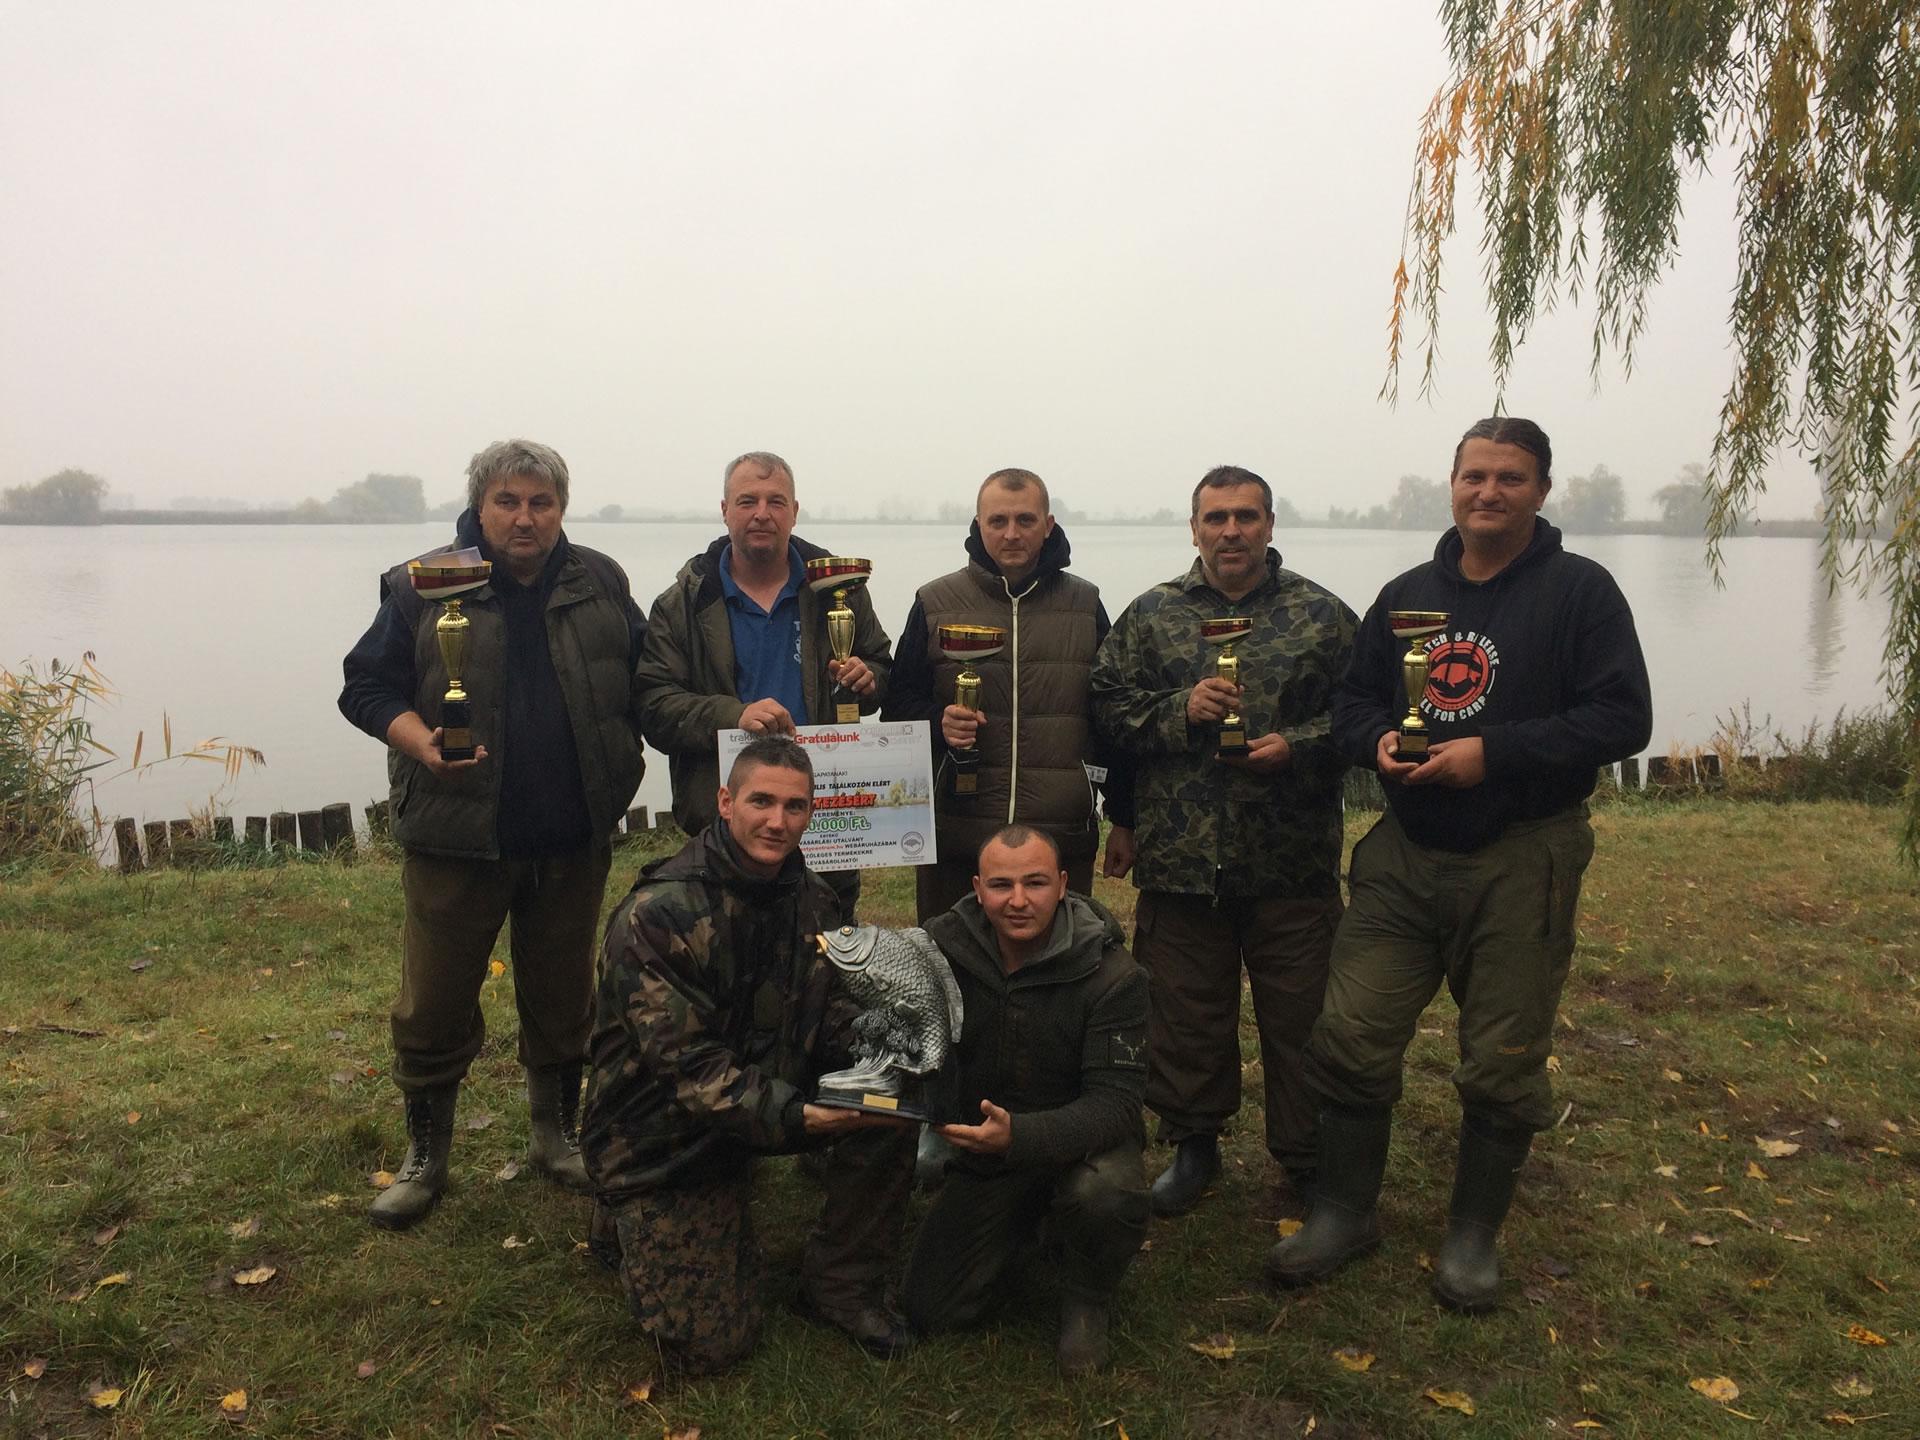 Az első két helyezett, és a legnagyobb halat fogó csapat.Gratulálunk!